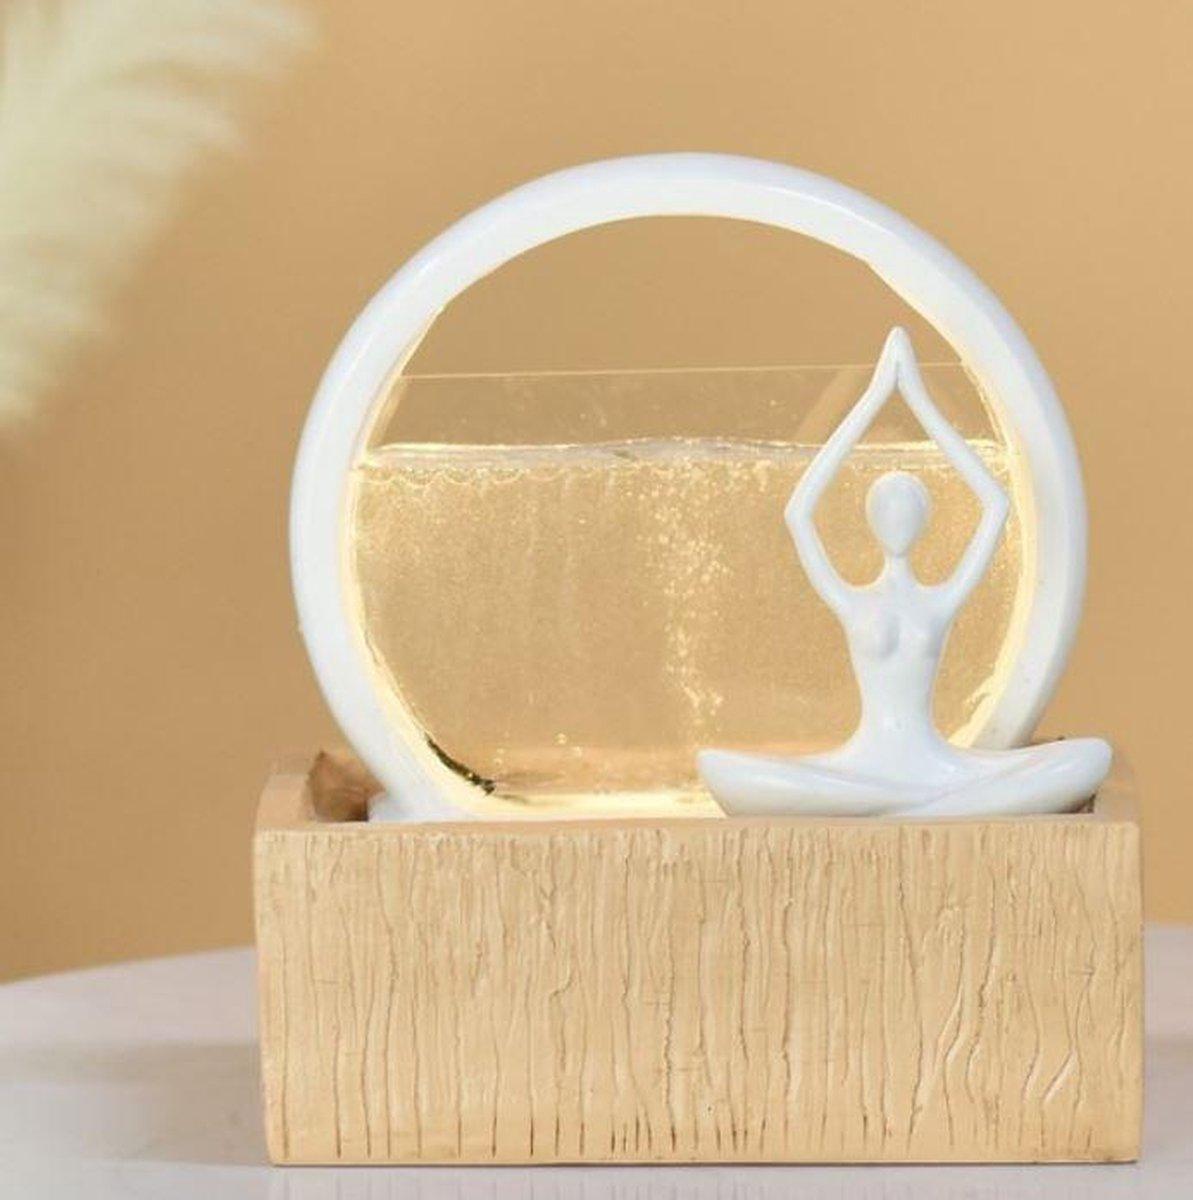 Moderne Vitality - fontein -interieur - fontein voor binnen - relaxeer - zen - waterornament - cadeau - geschenk - relatiegeschenk - origineel - lente - zomer - lentecollectie - zomercollectie - afkoeling - koelte